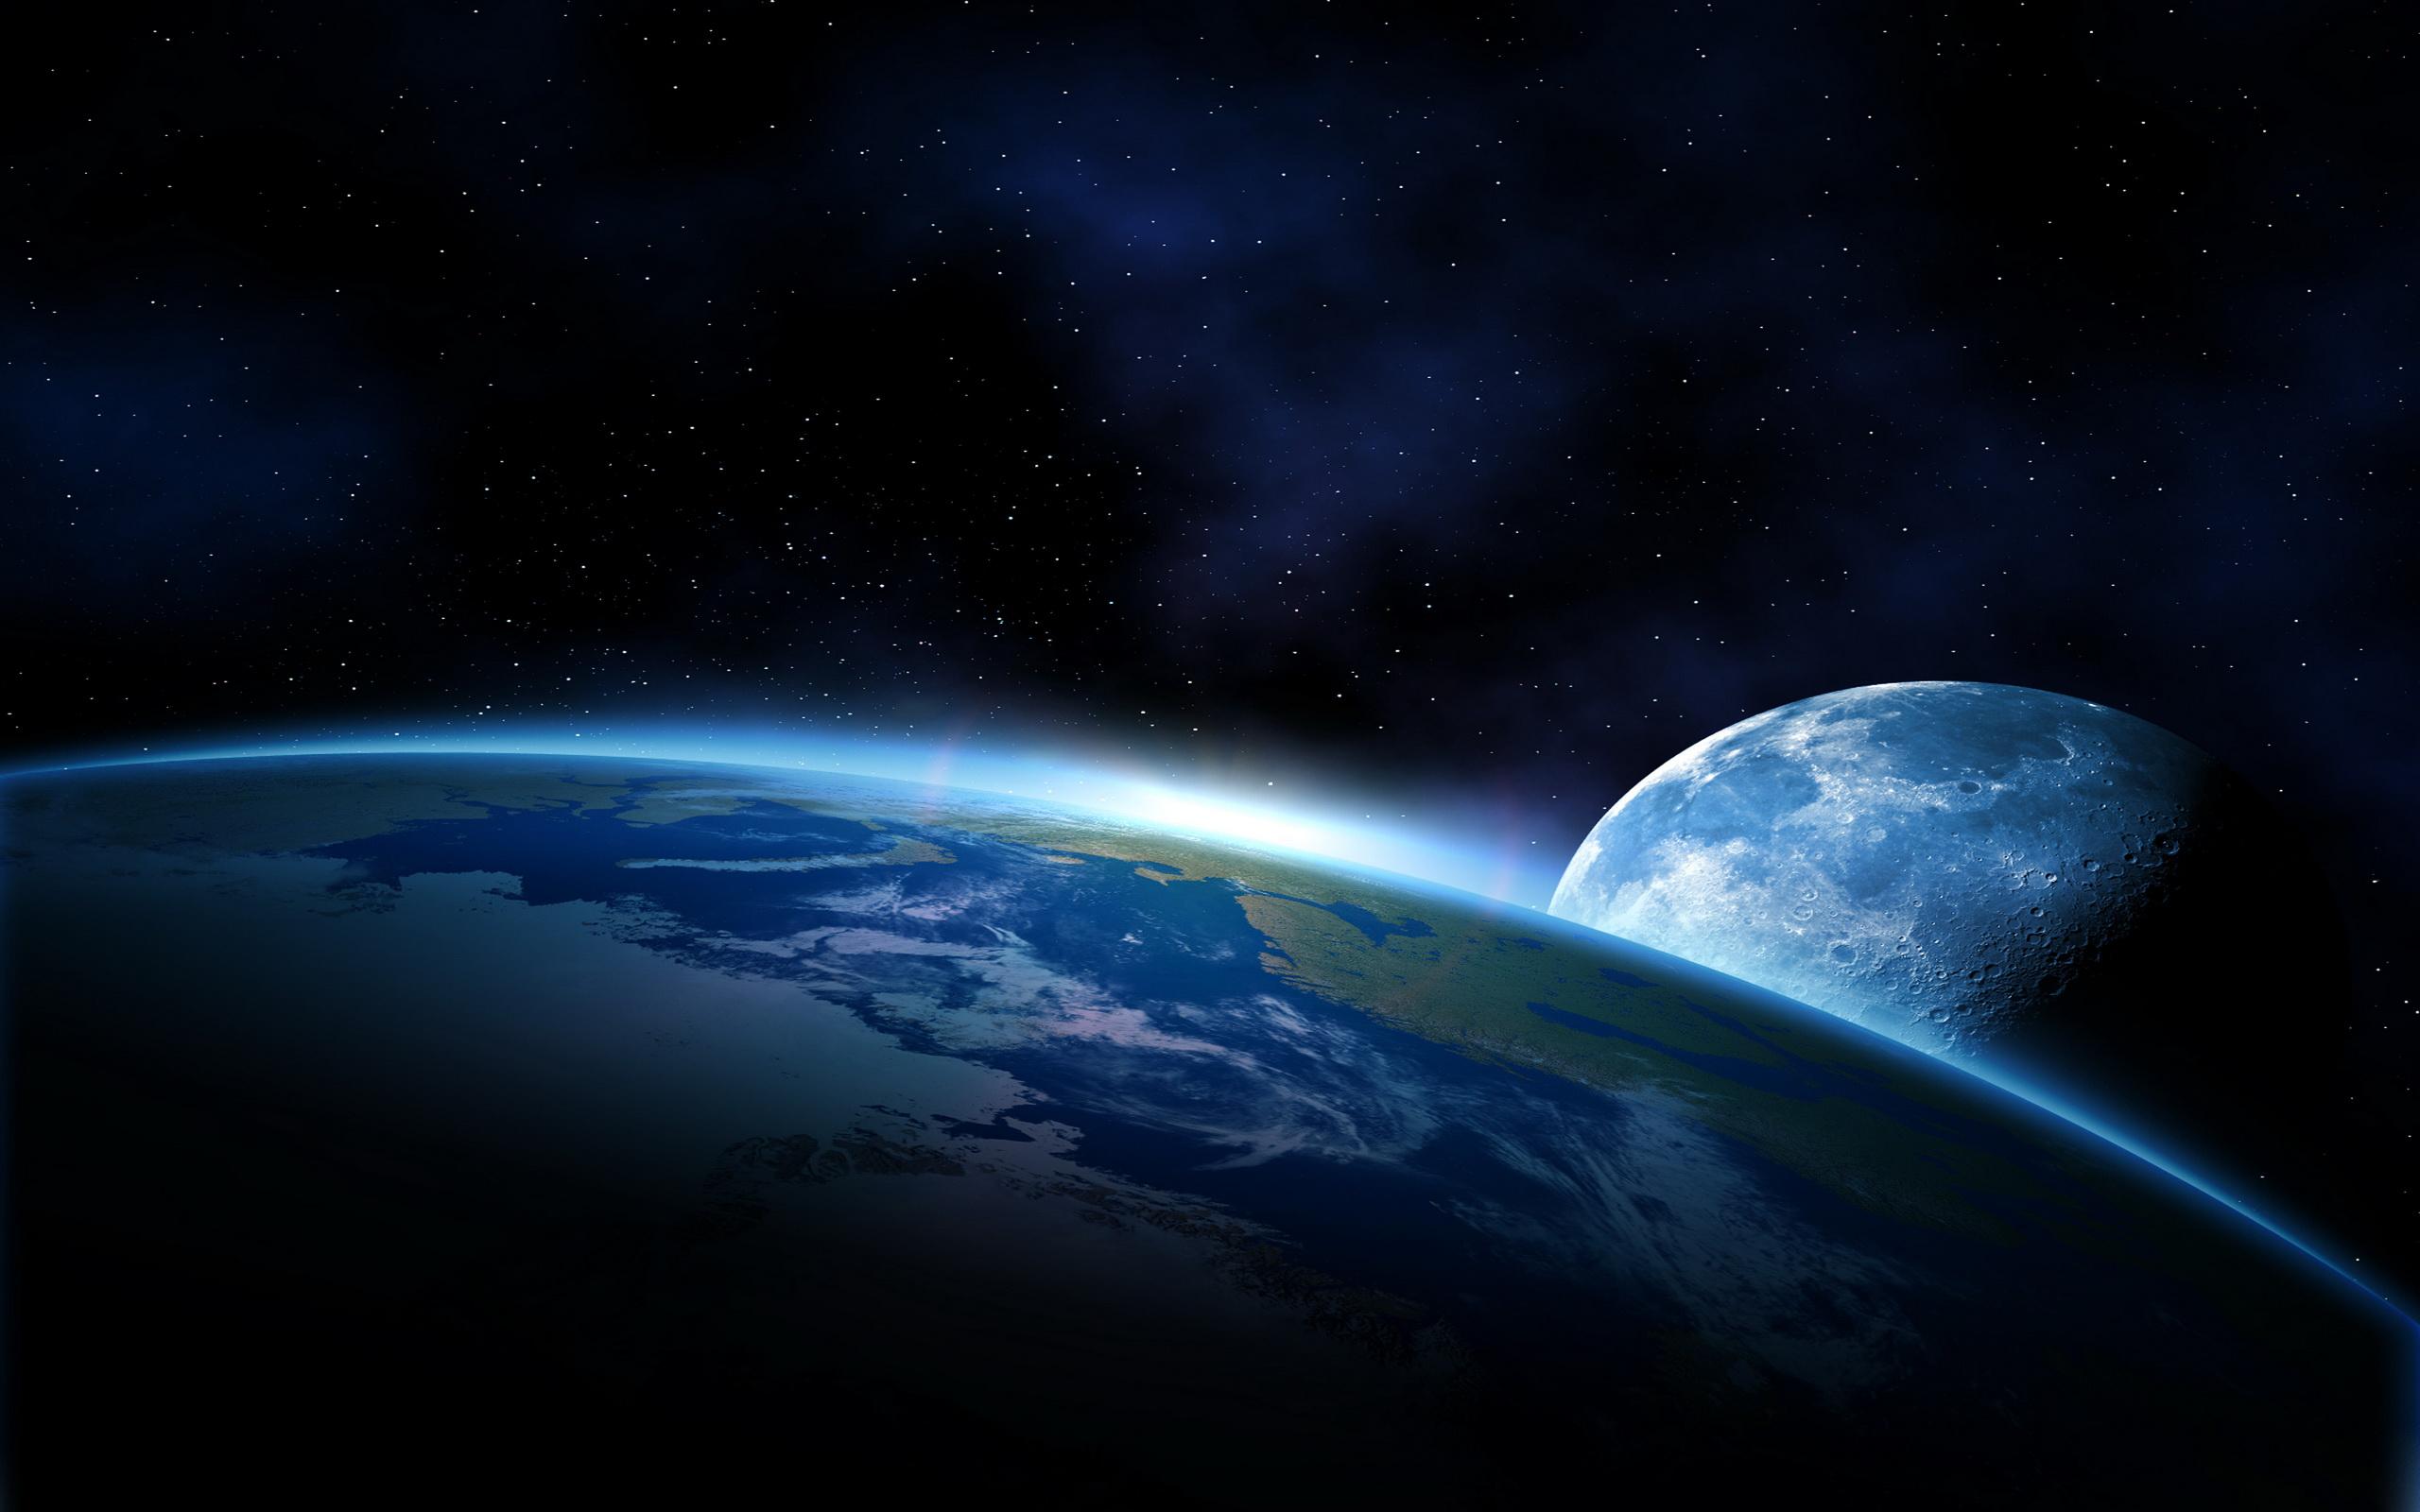 Sunrise 3d Wallpaper Earth From Space Wallpapers Hd Pixelstalk Net